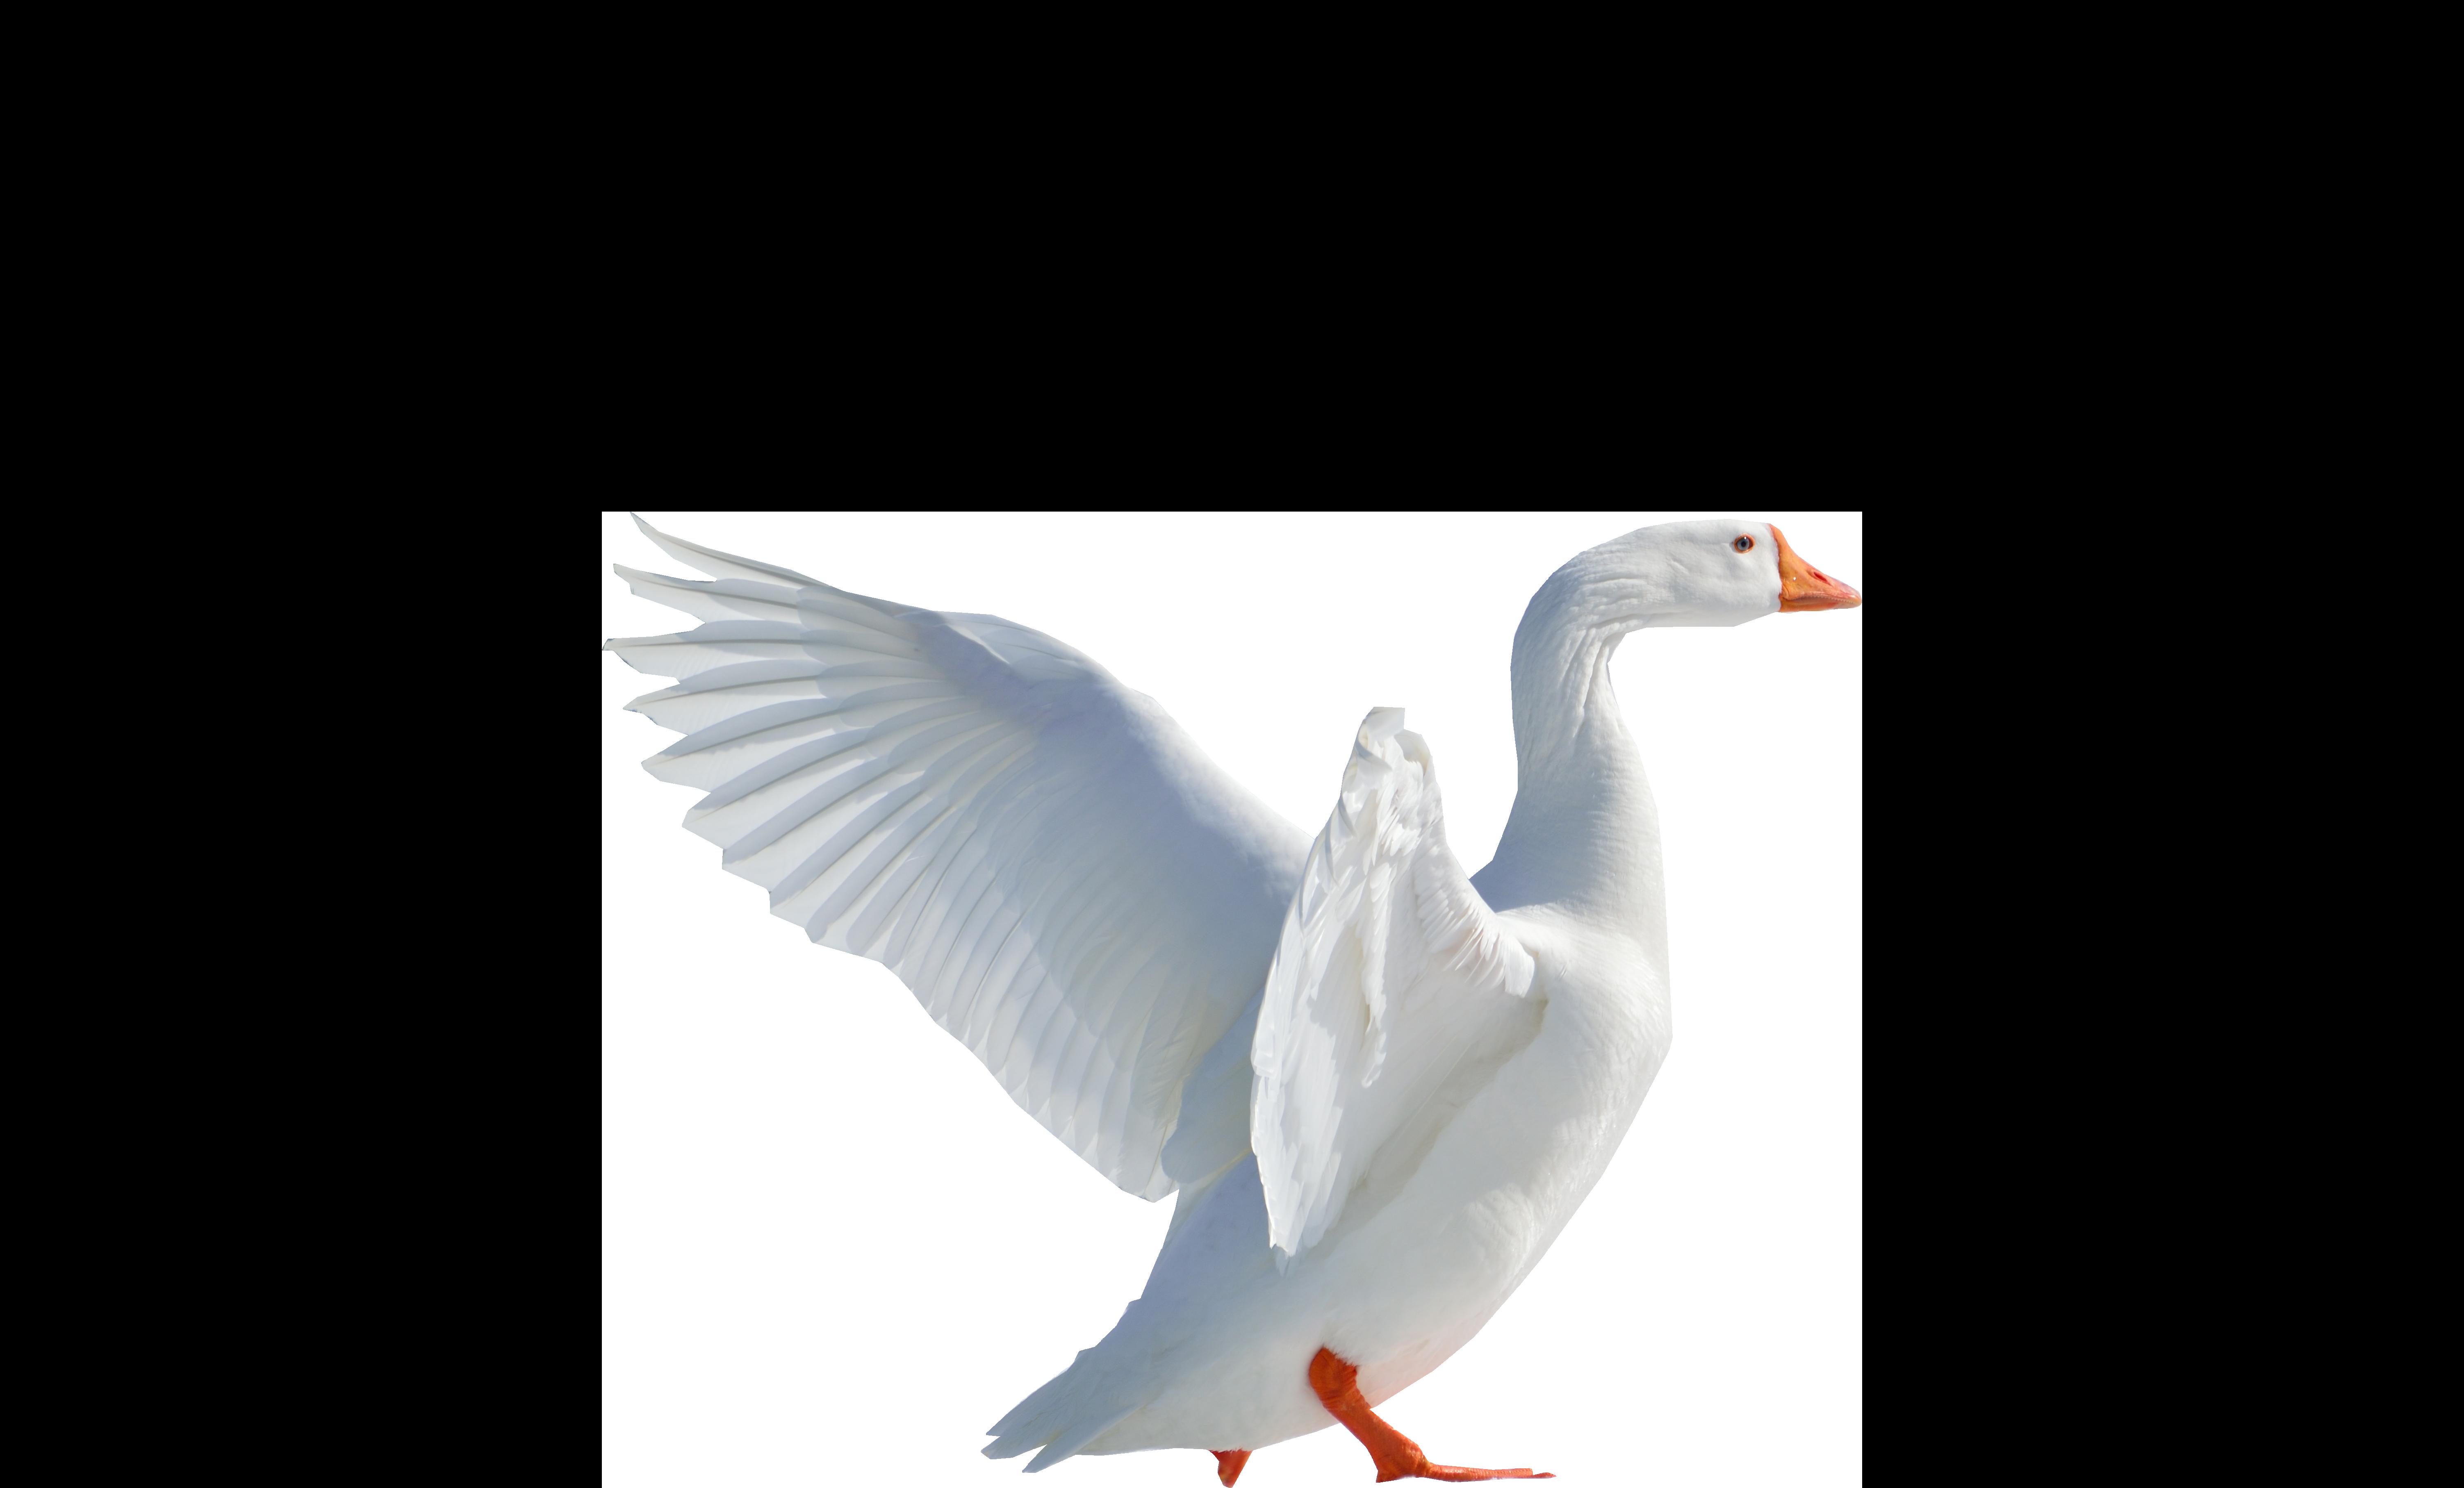 goose flying png image purepng free transparent cc0 flying bird clipart gif bird flying clipart